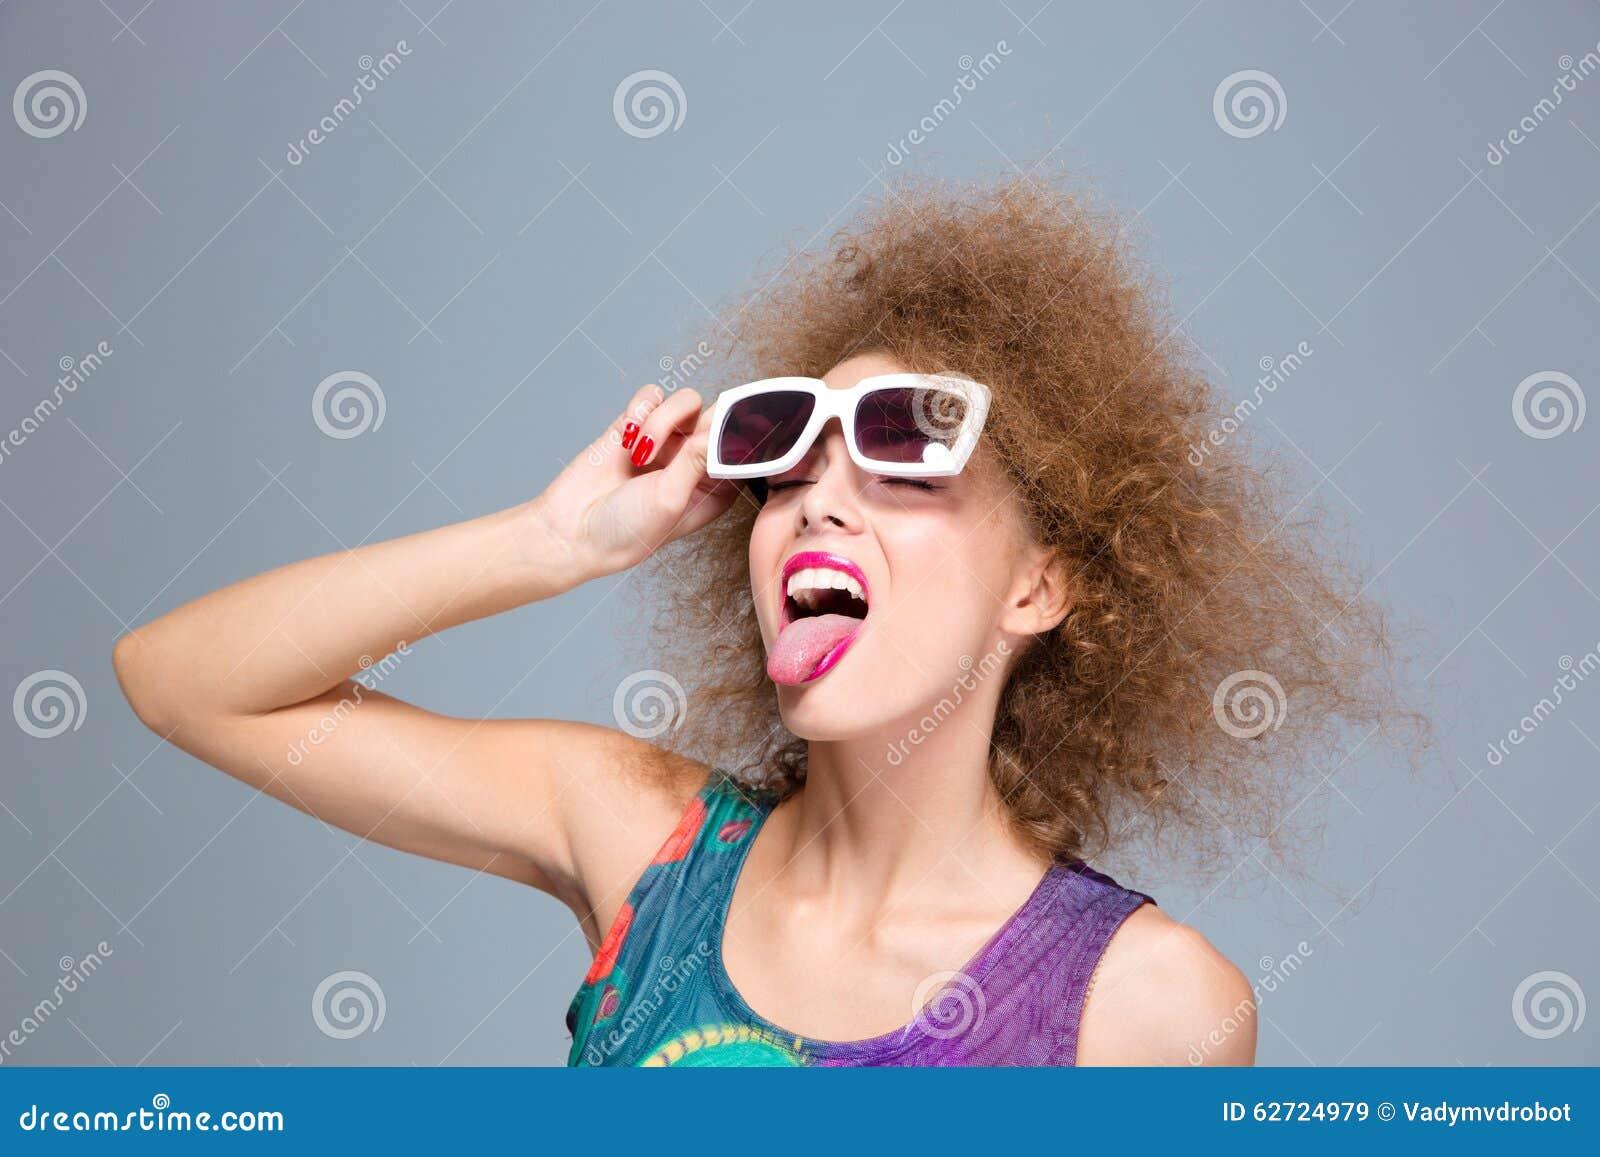 Αστεία σγουρή γυναίκα στα γυαλιά ηλίου με τις προσοχές ιδιαίτερες παρουσίαση γλώσσας